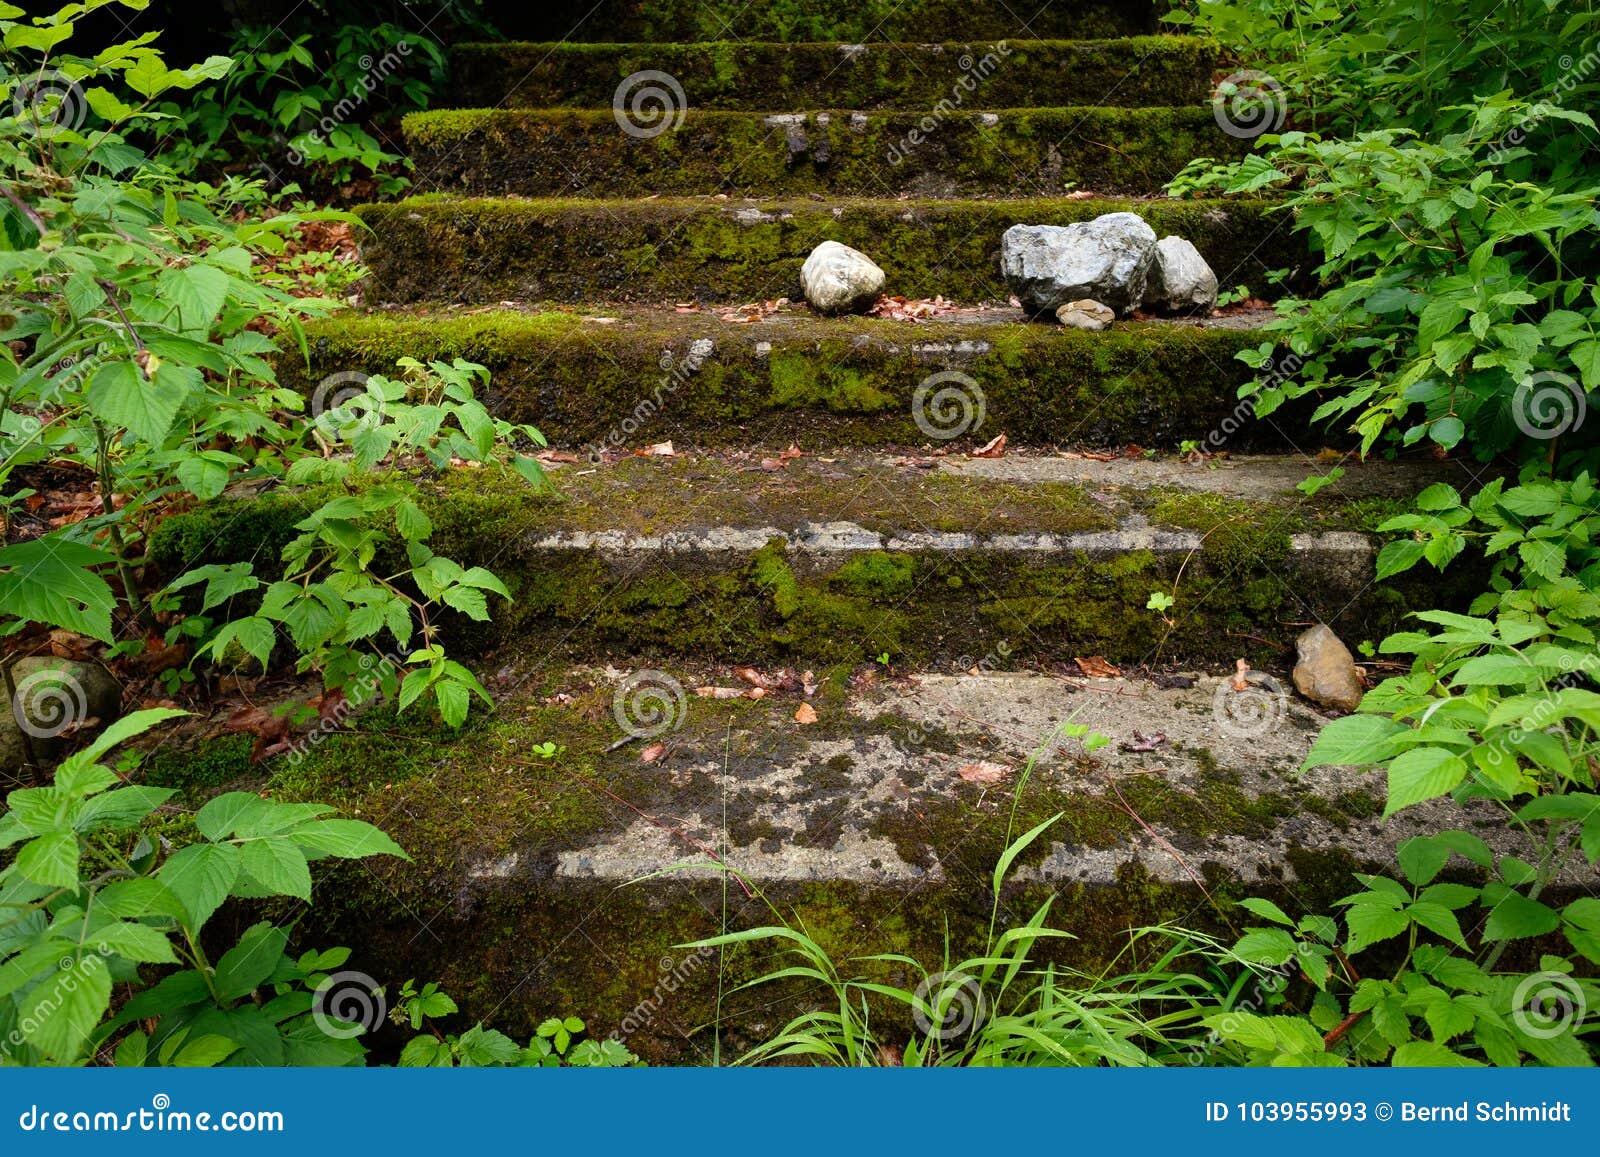 Escalier en pierre envahi avec de la mousse et les plantes vertes